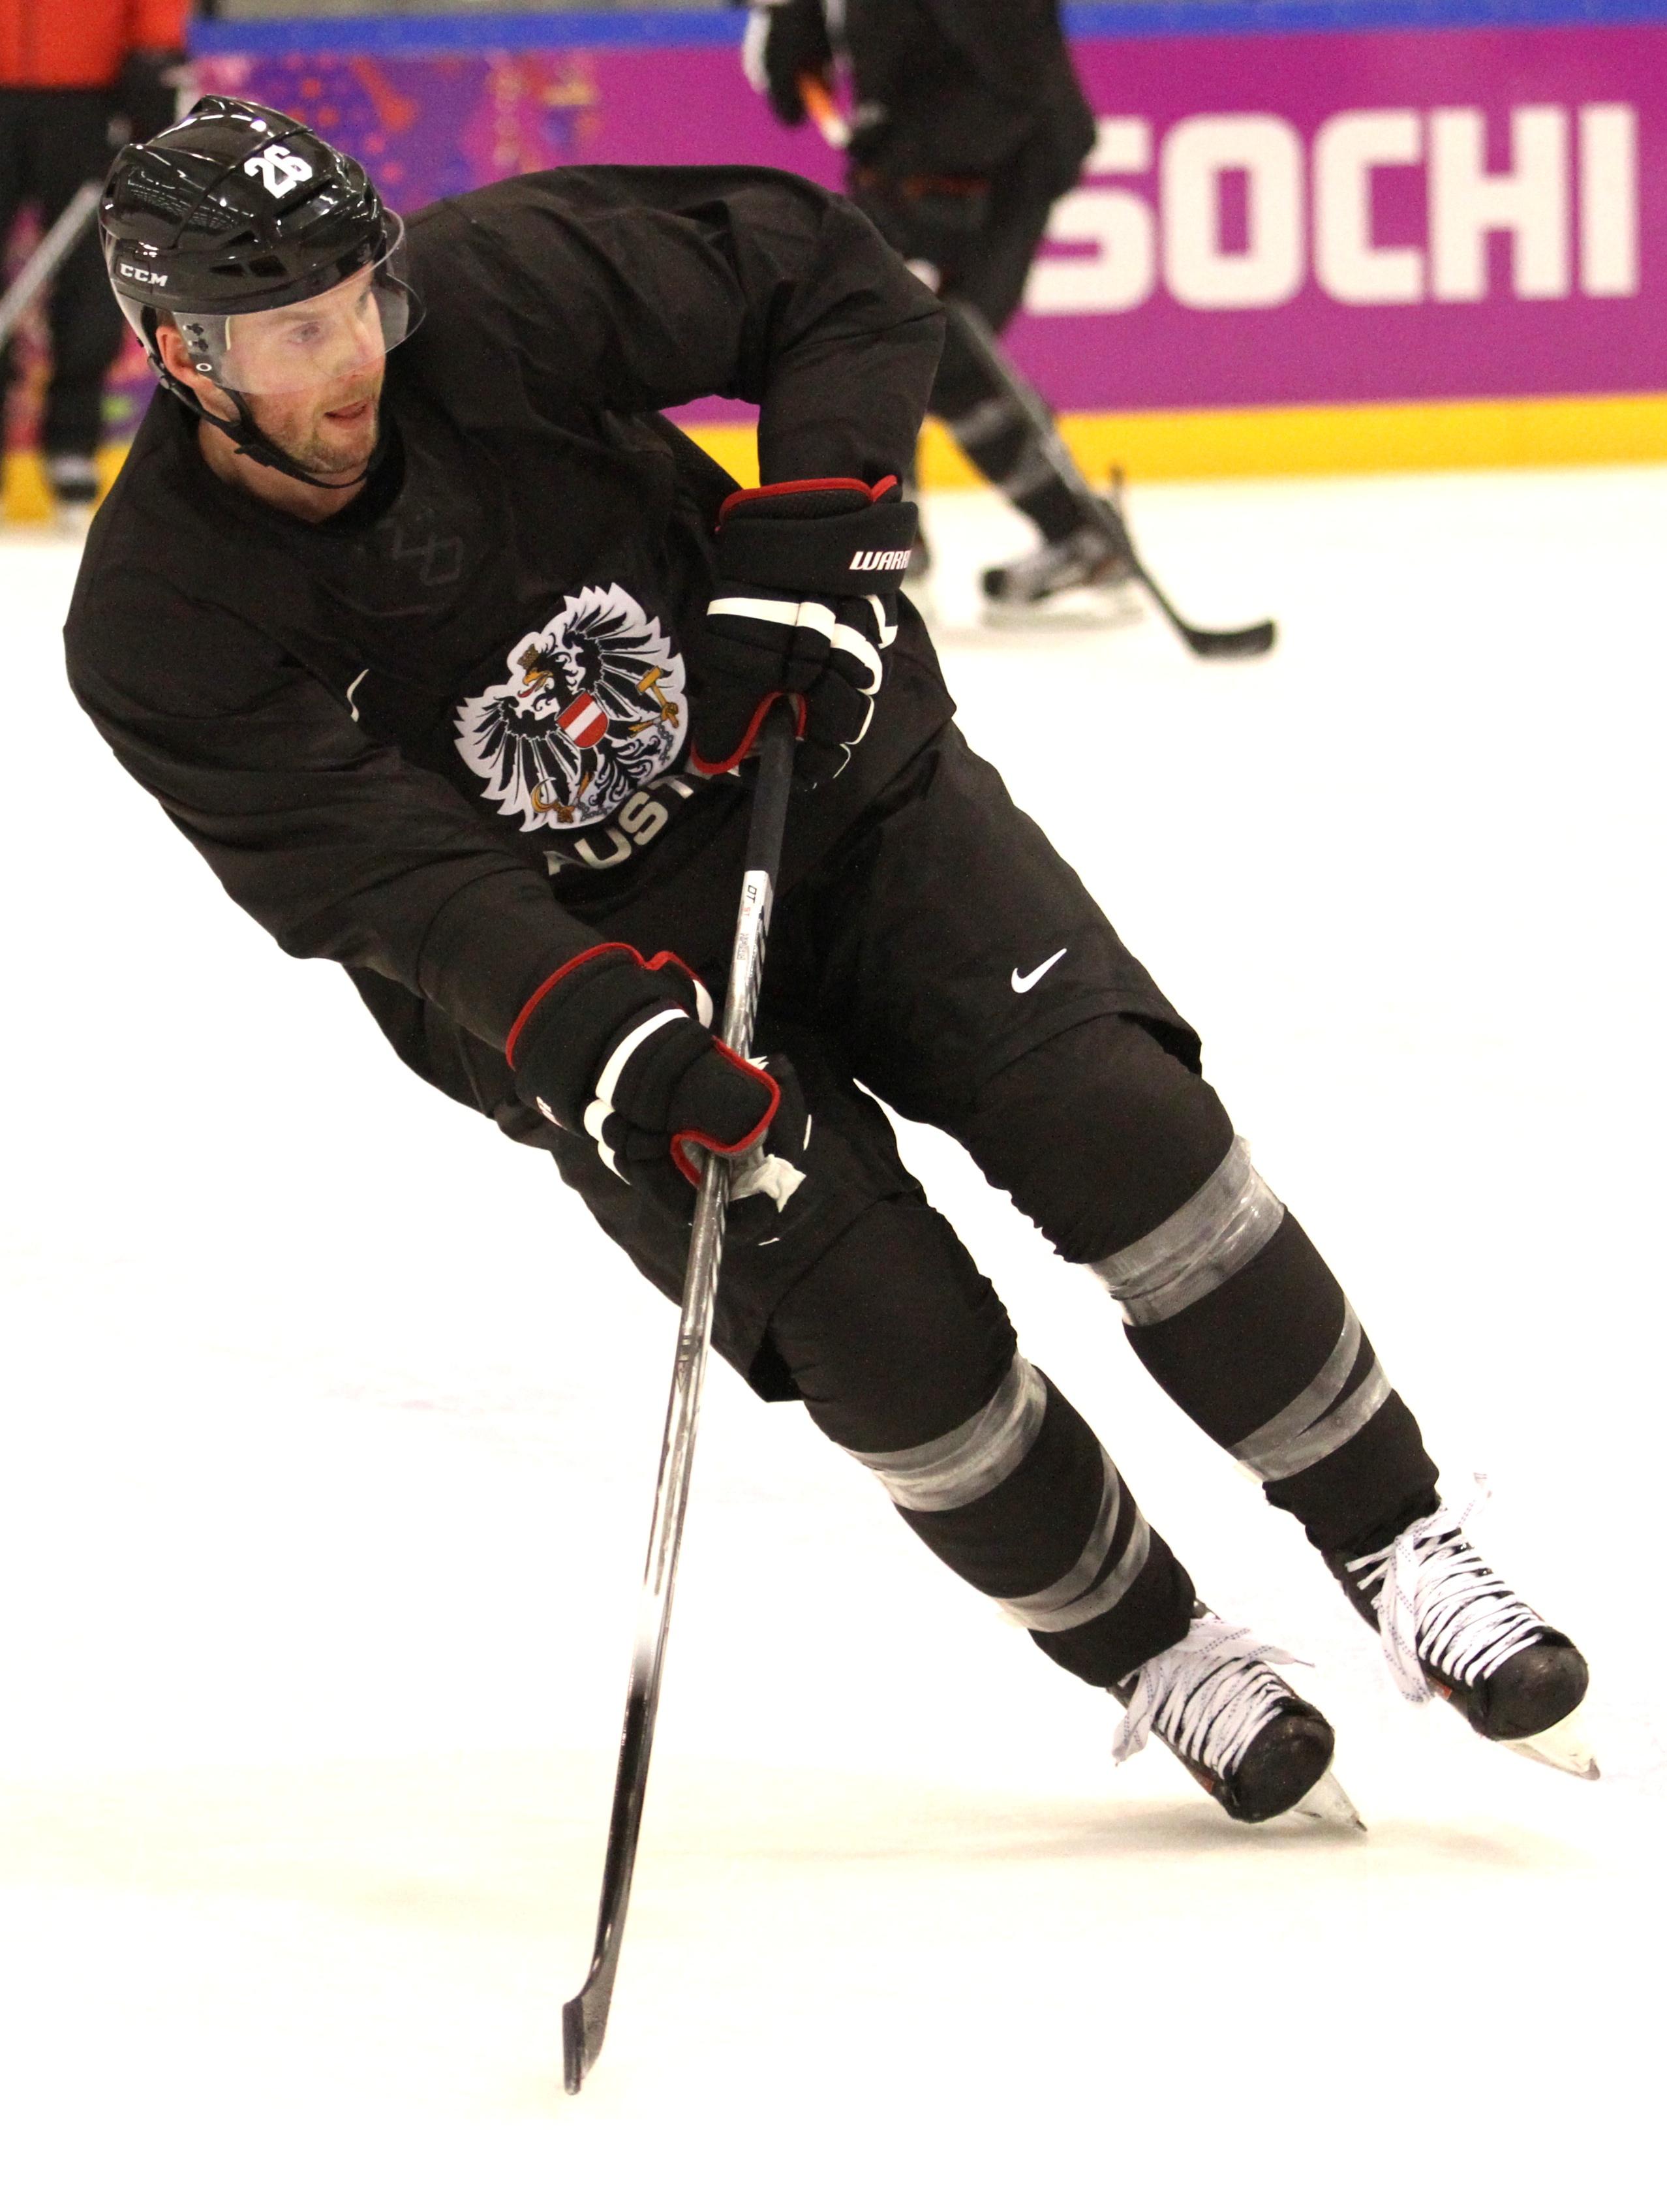 Im Bild: Thomas Vanek #26 AUT New York Islanders, Training Eishockey Olympic Winter Games 2014 Sochi, Olympische Spiele Bolshoy